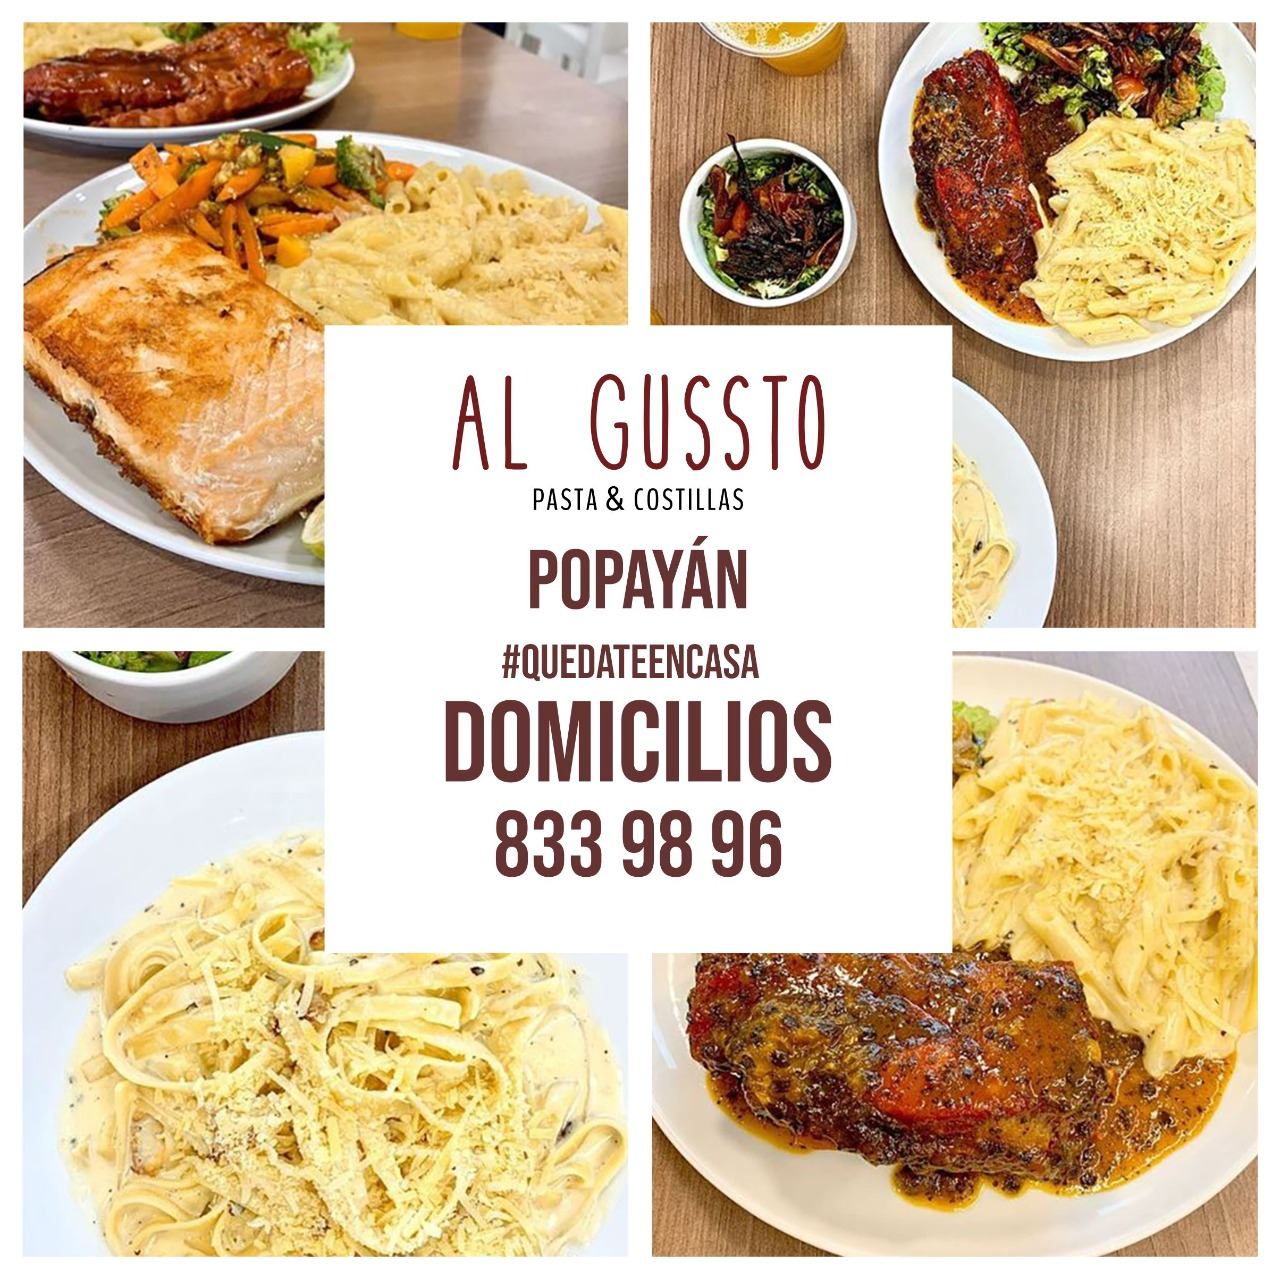 publicidad Algustto